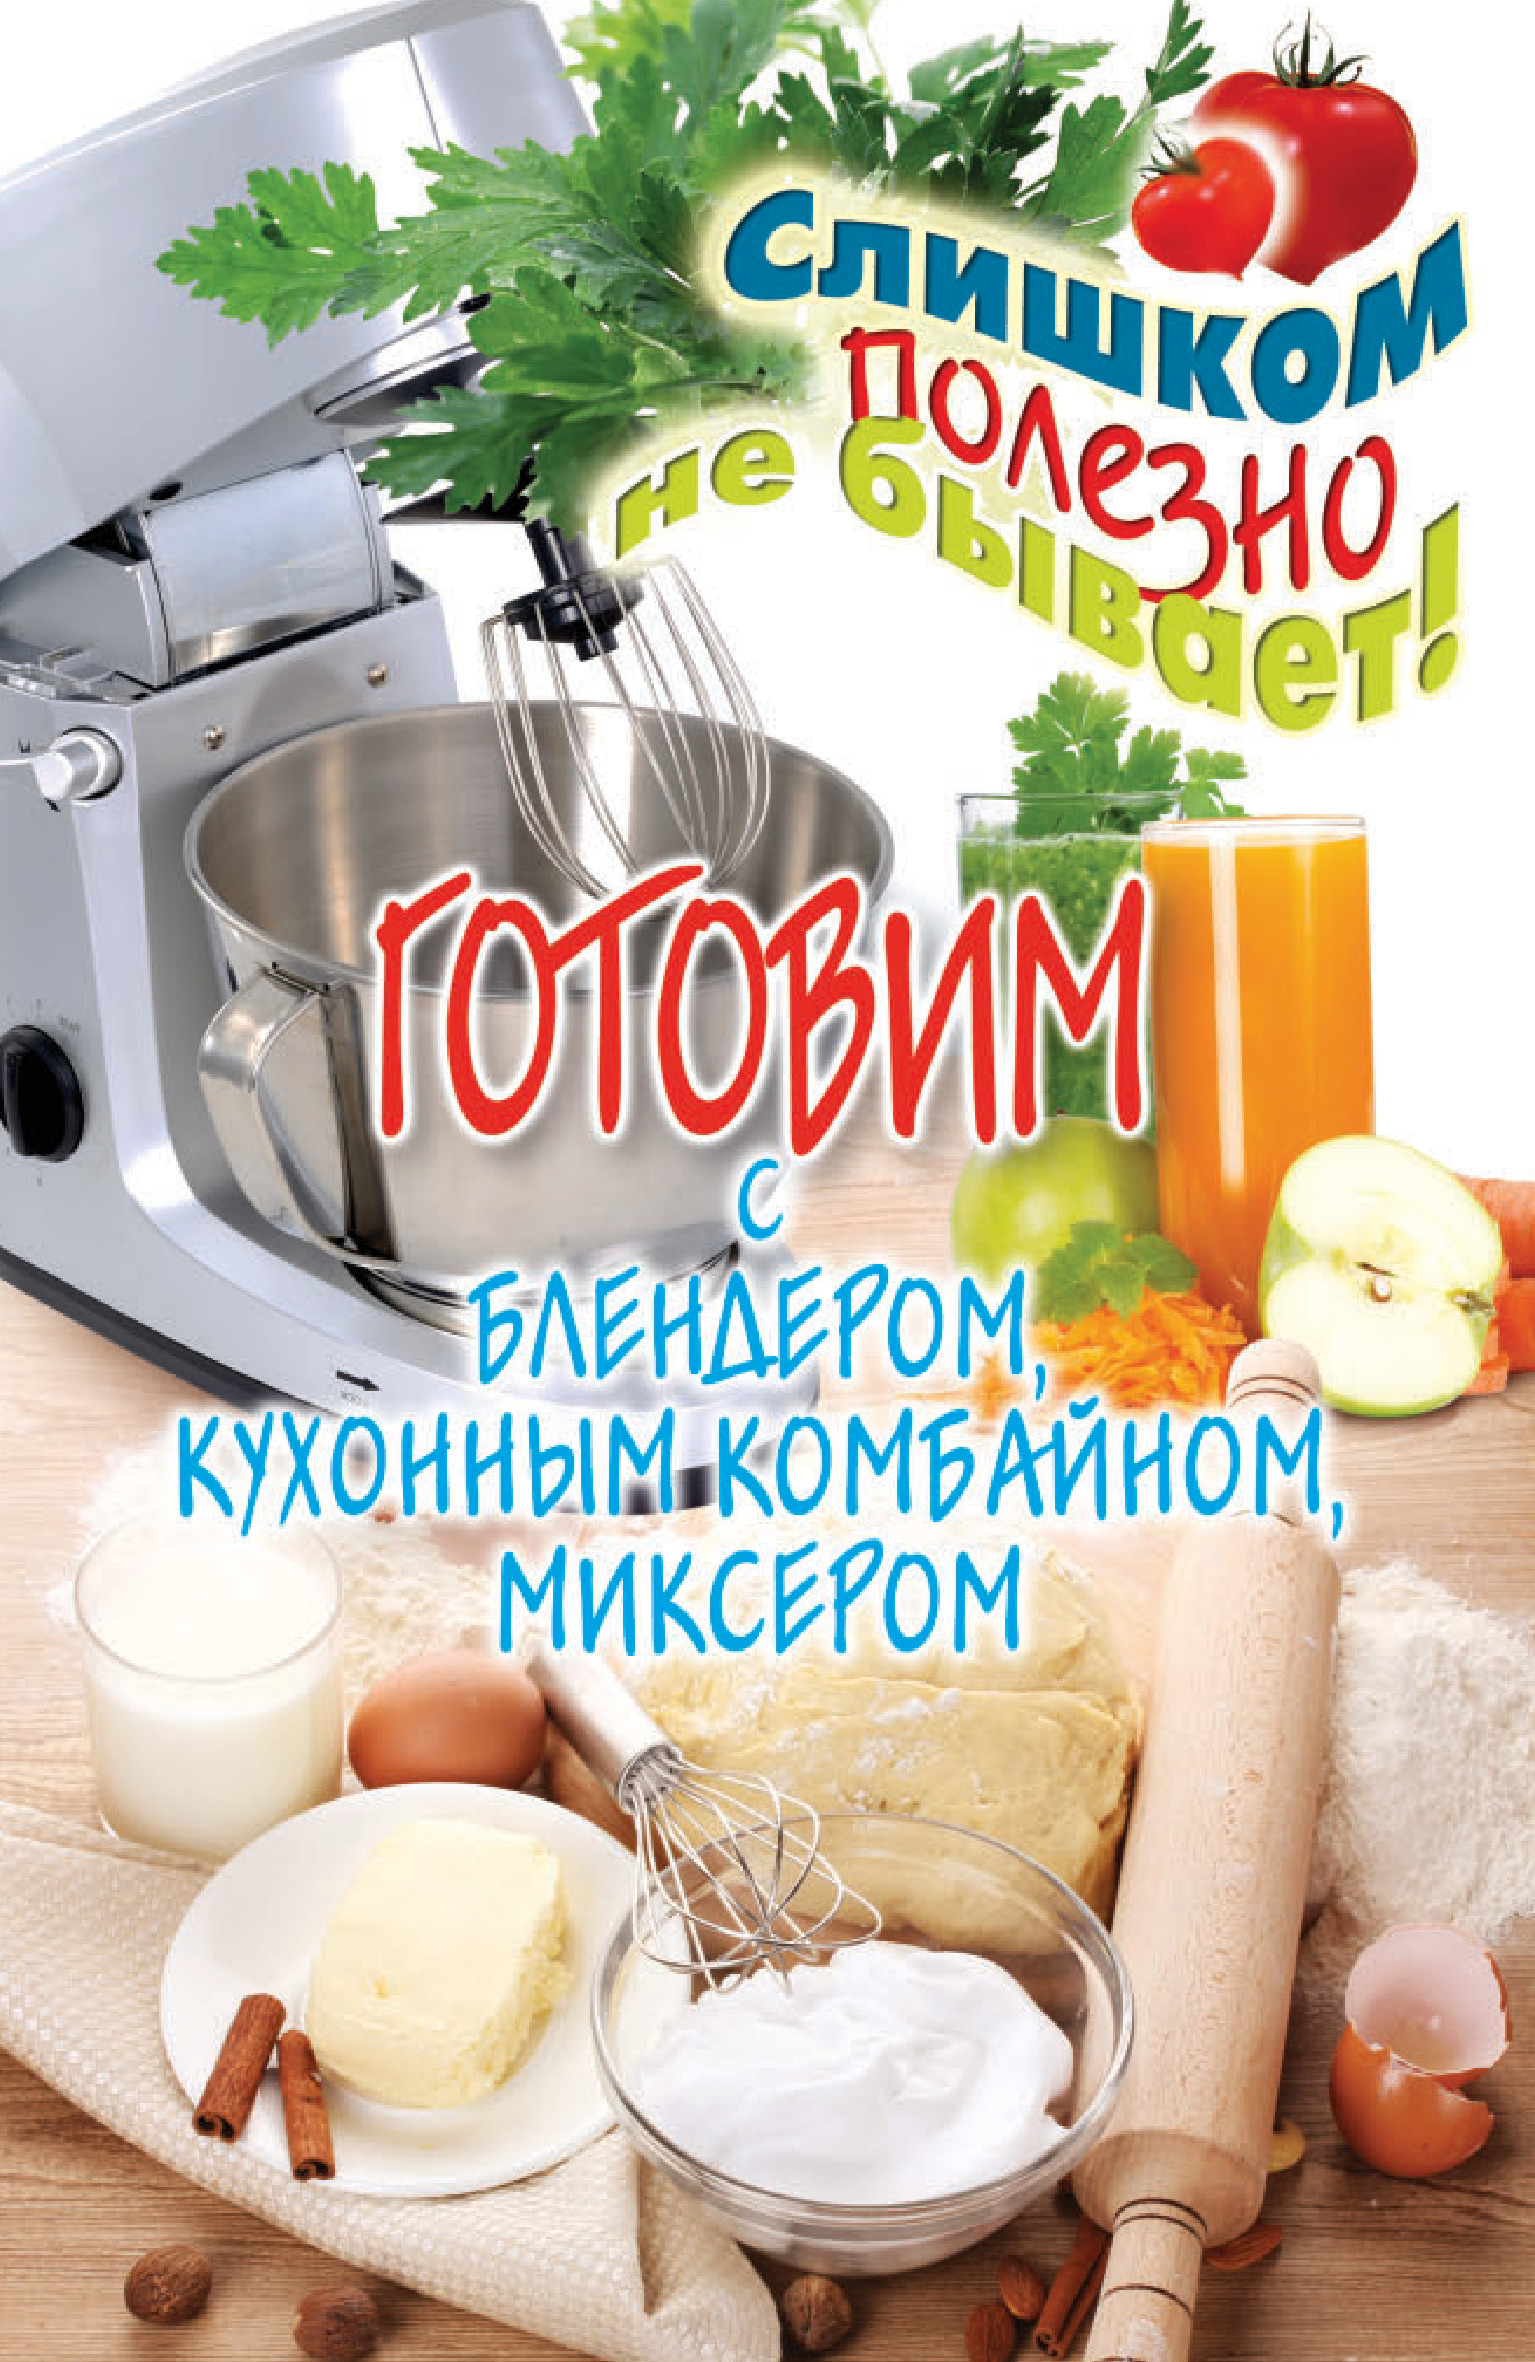 Дарья Нестерова Готовим с блендером, кухонным комбайном, миксером дарья нестерова sex позиции для продвинутых